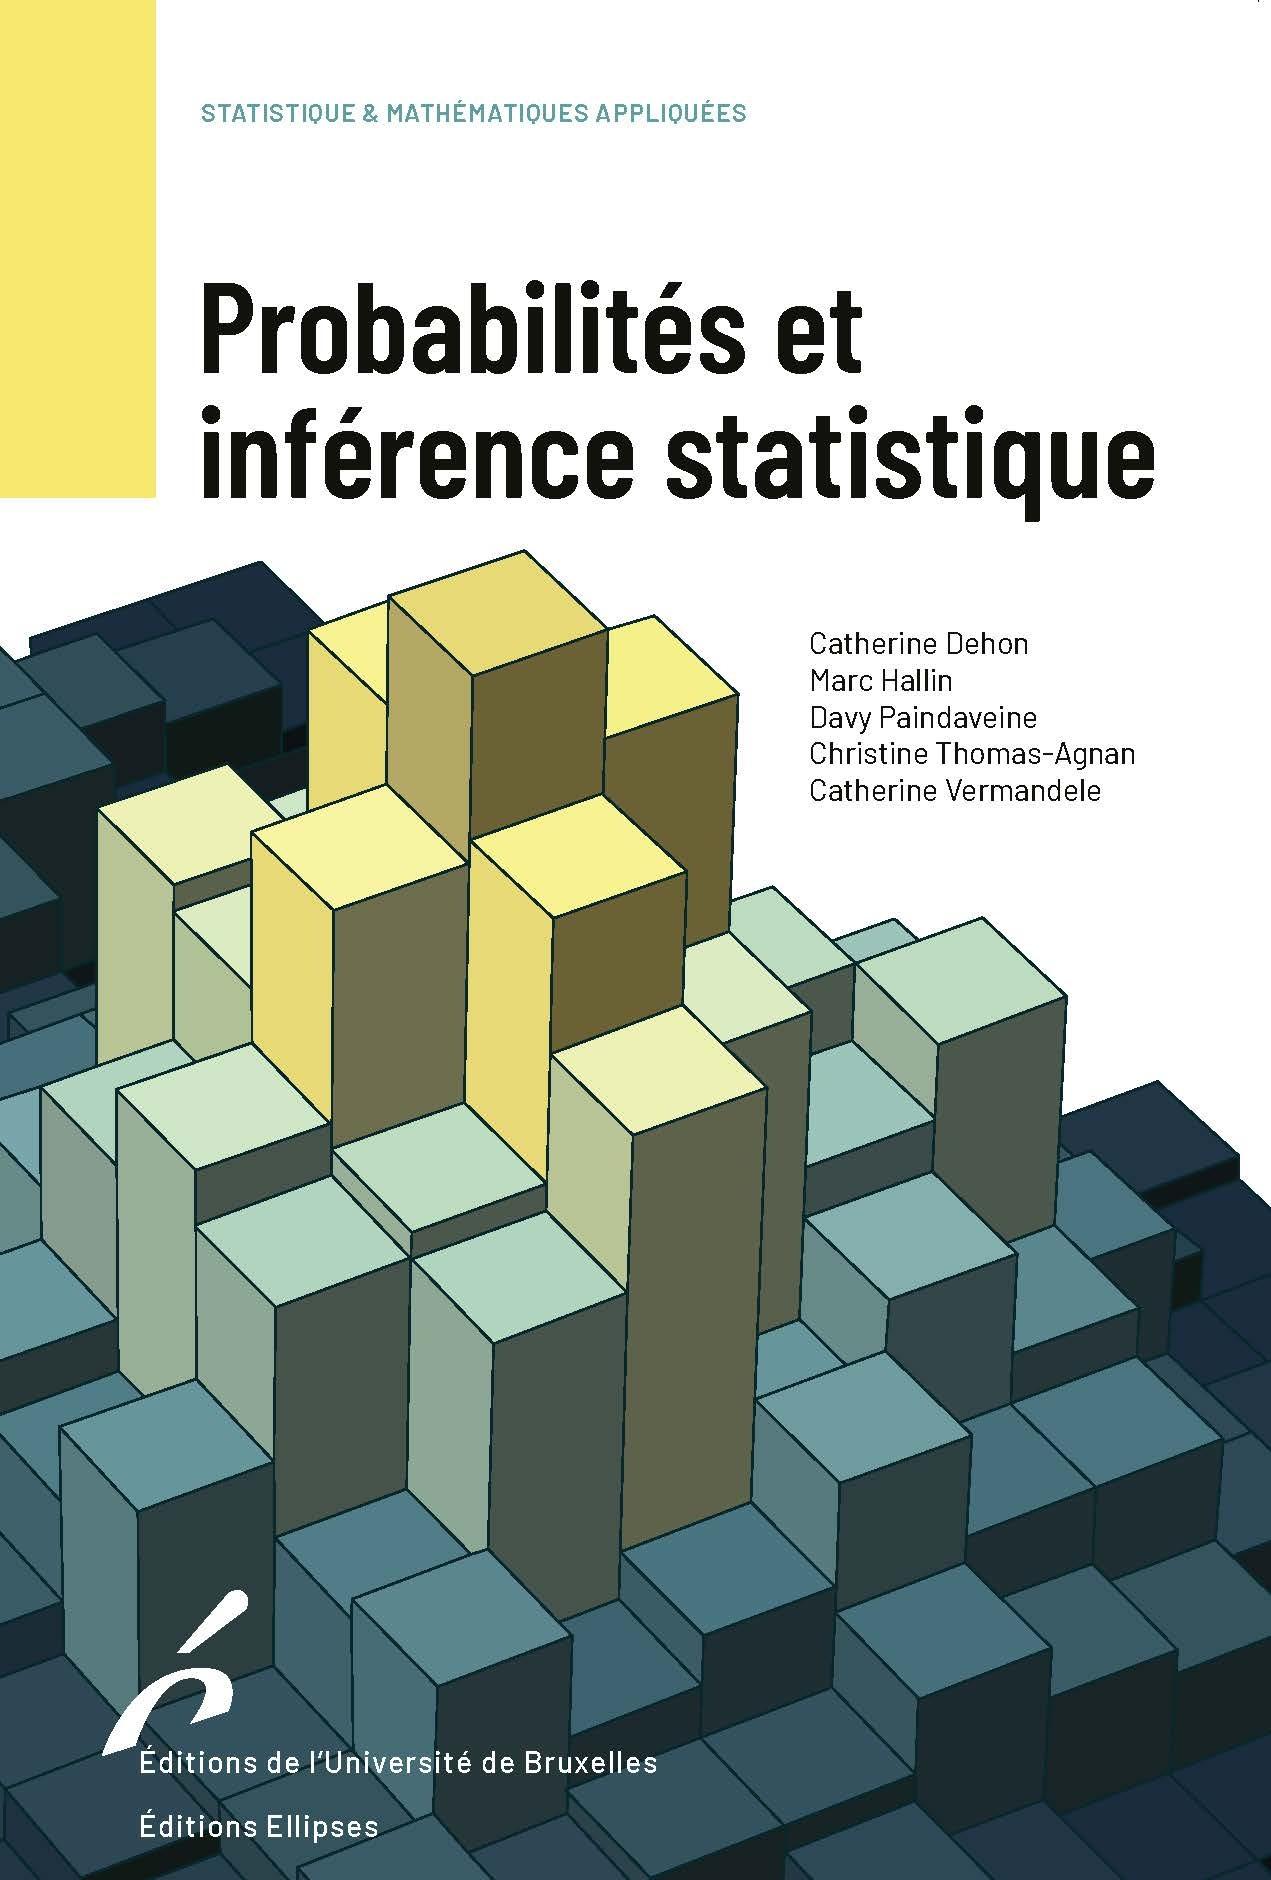 PROBABILITES ET INFERENCE STATISTIQUE